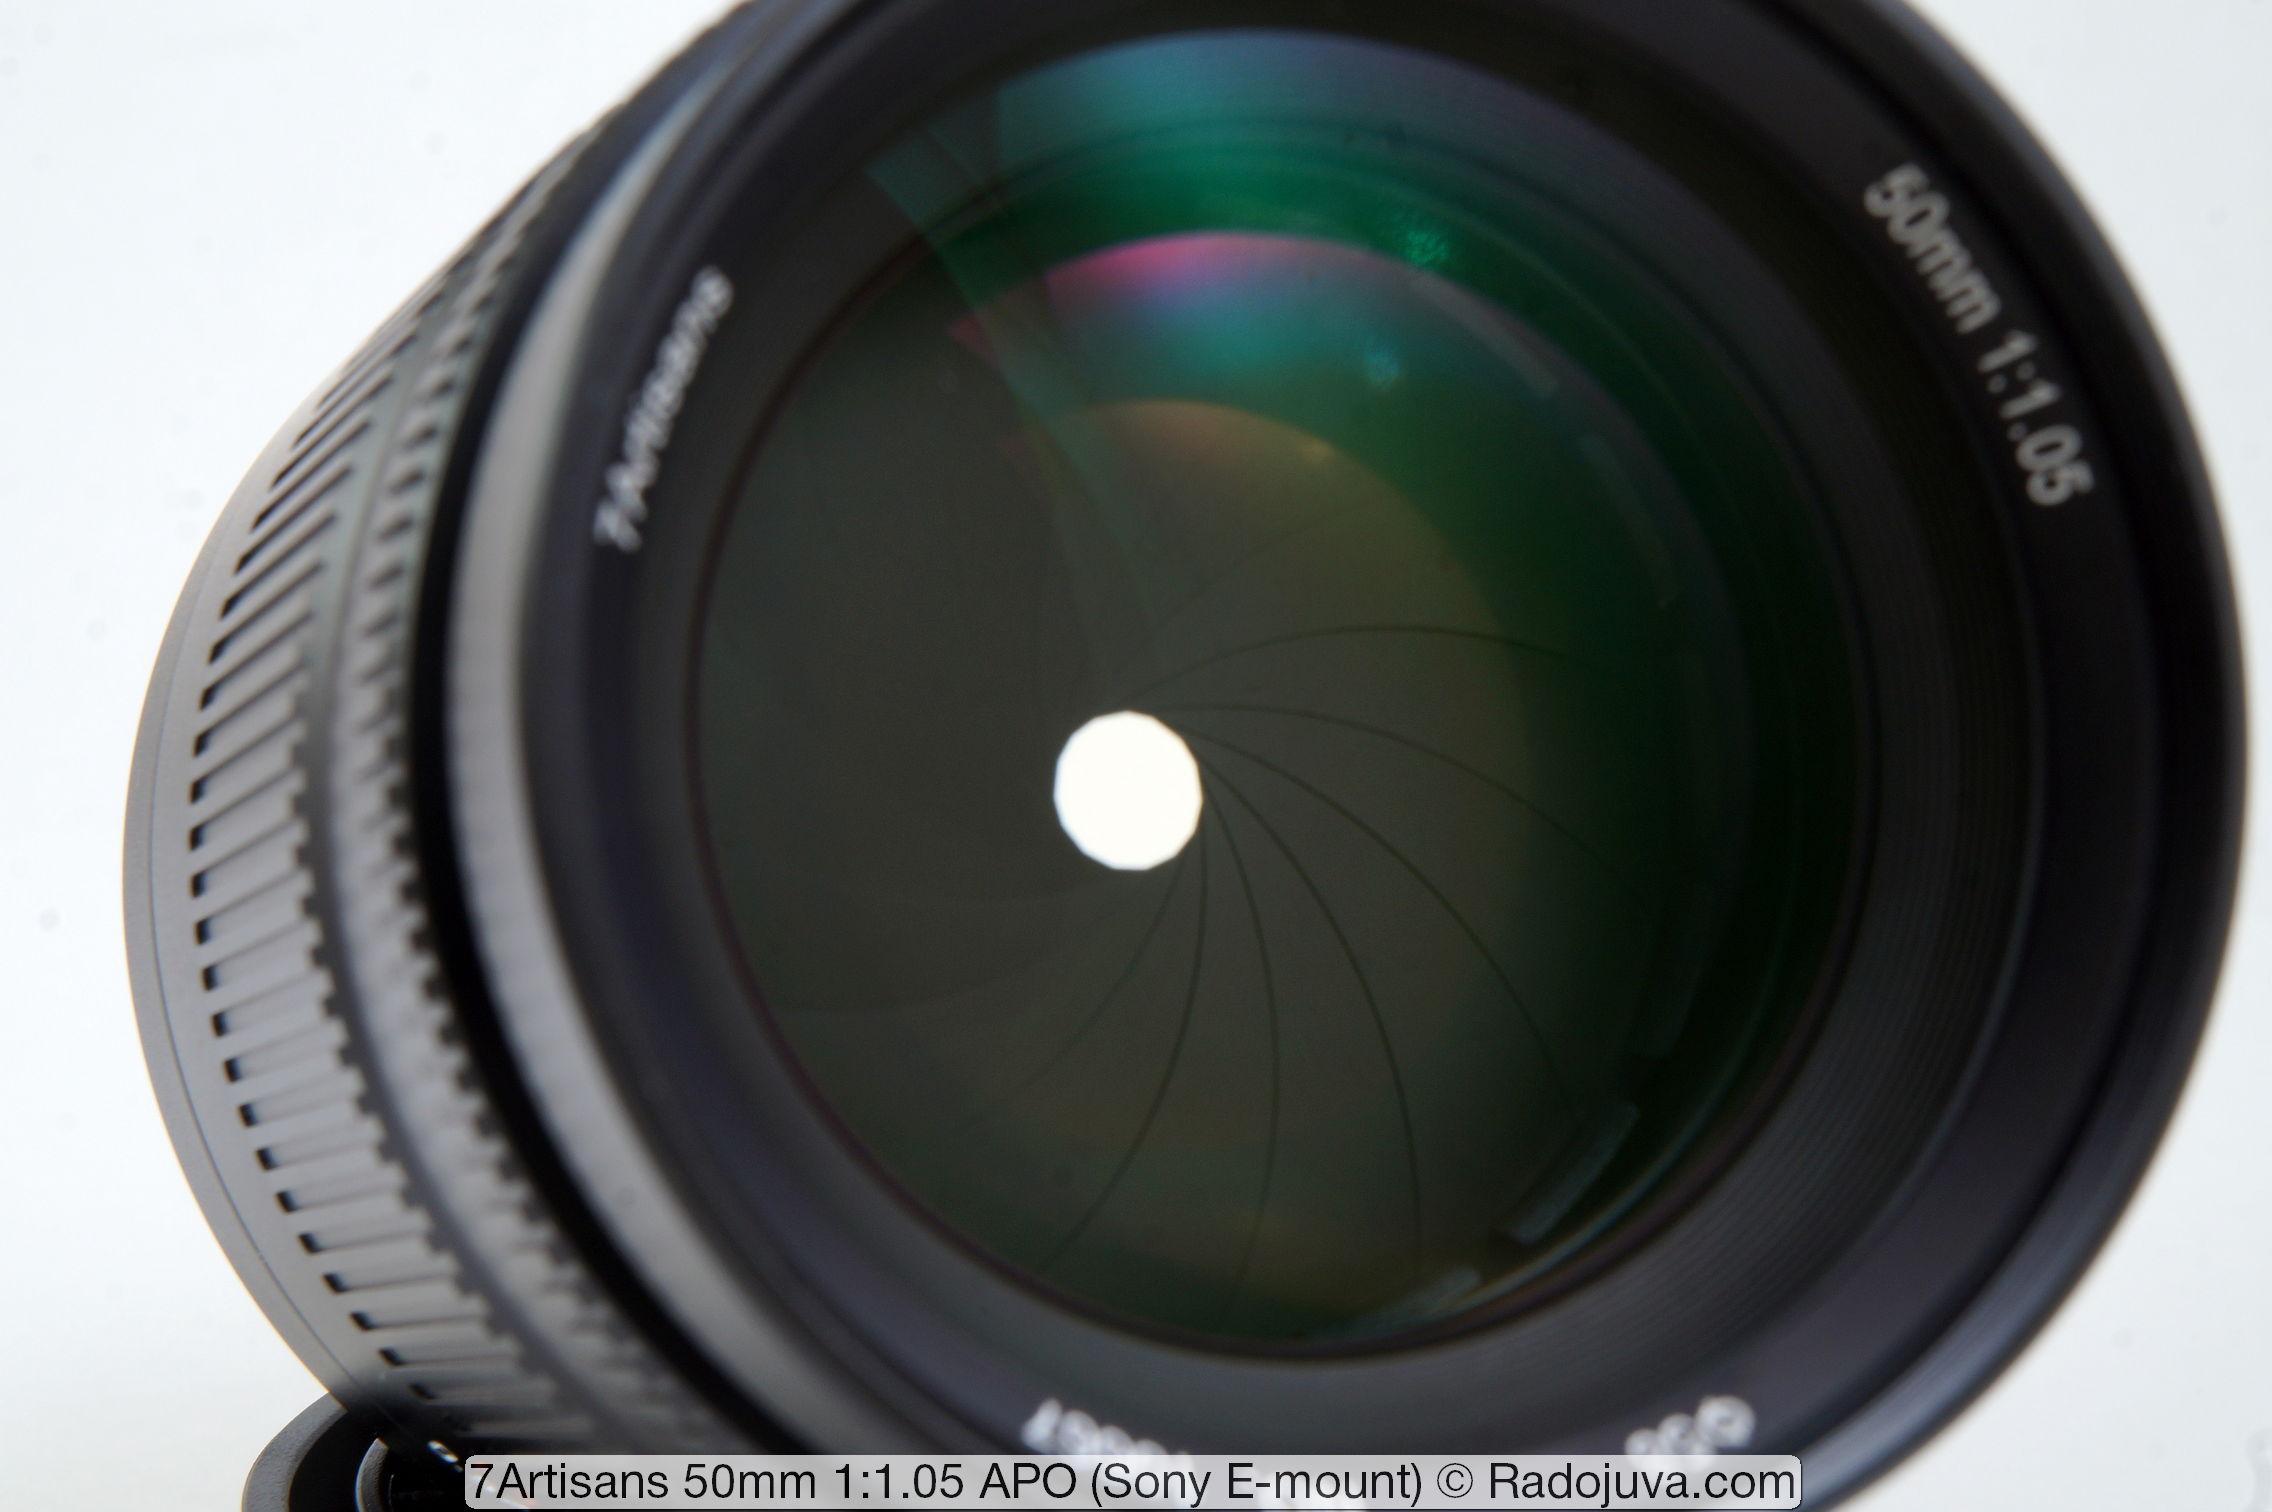 7Artisans 50mm 1:1.05 APO